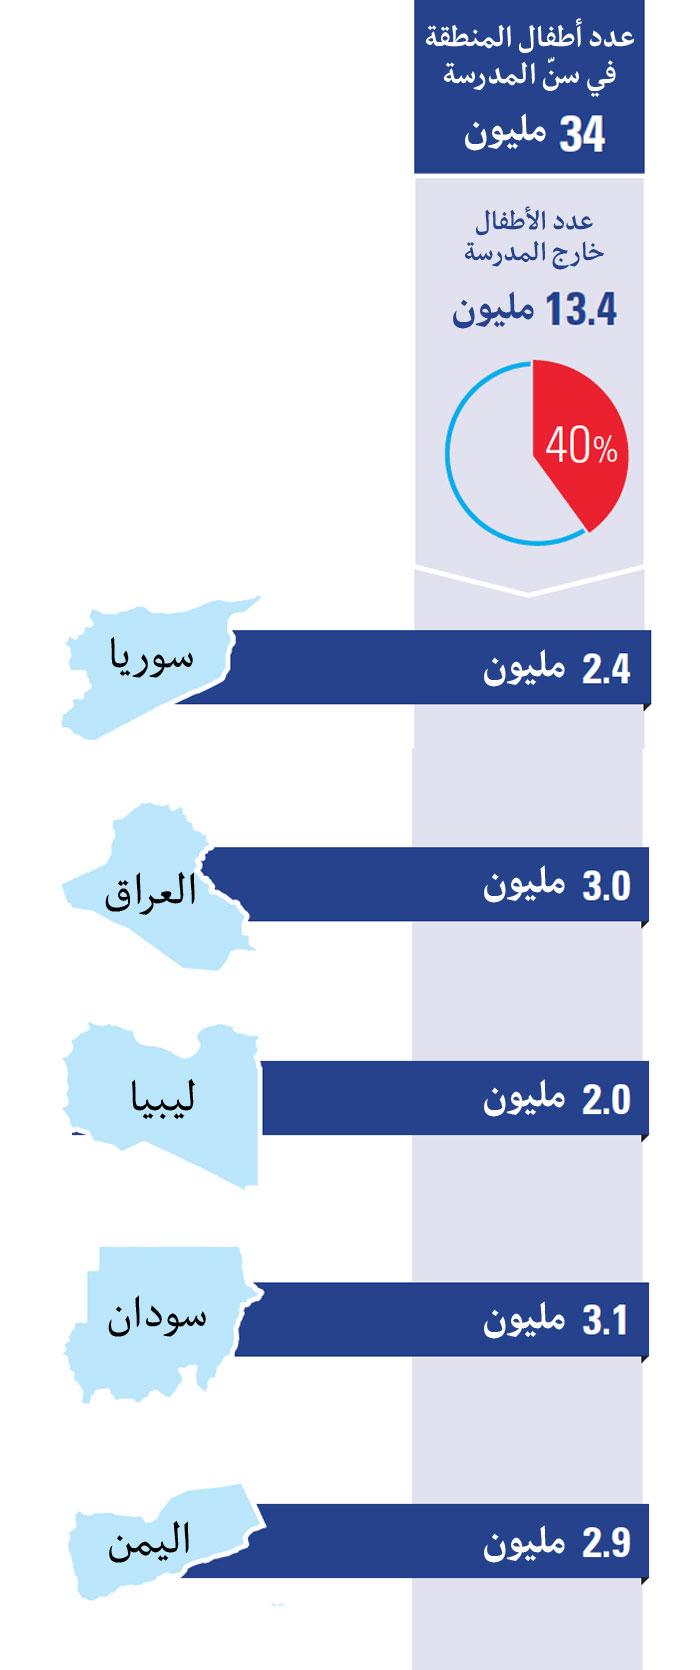 الجيل الضائع: 40% من أطفال الشرق الأوسط محرومون من التعليم - أرقام